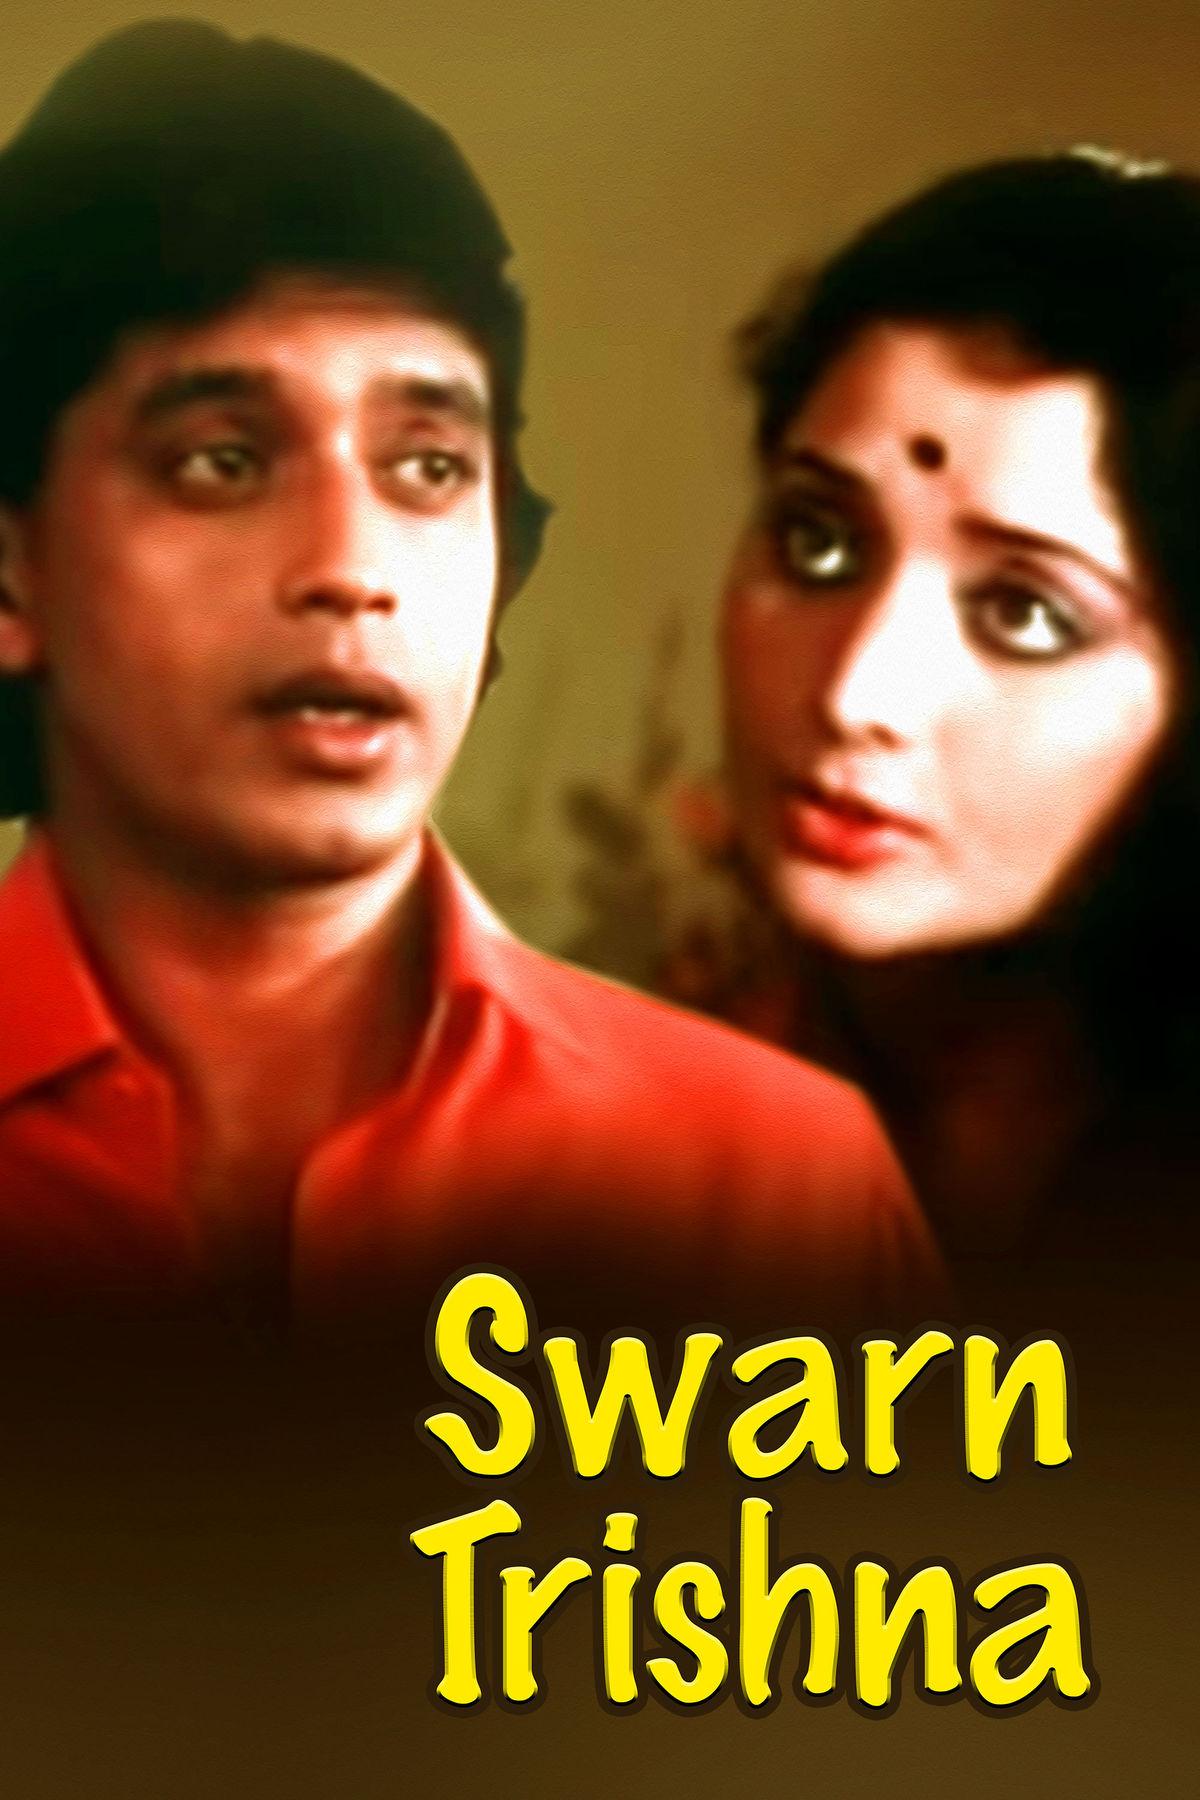 Swarn Trisha